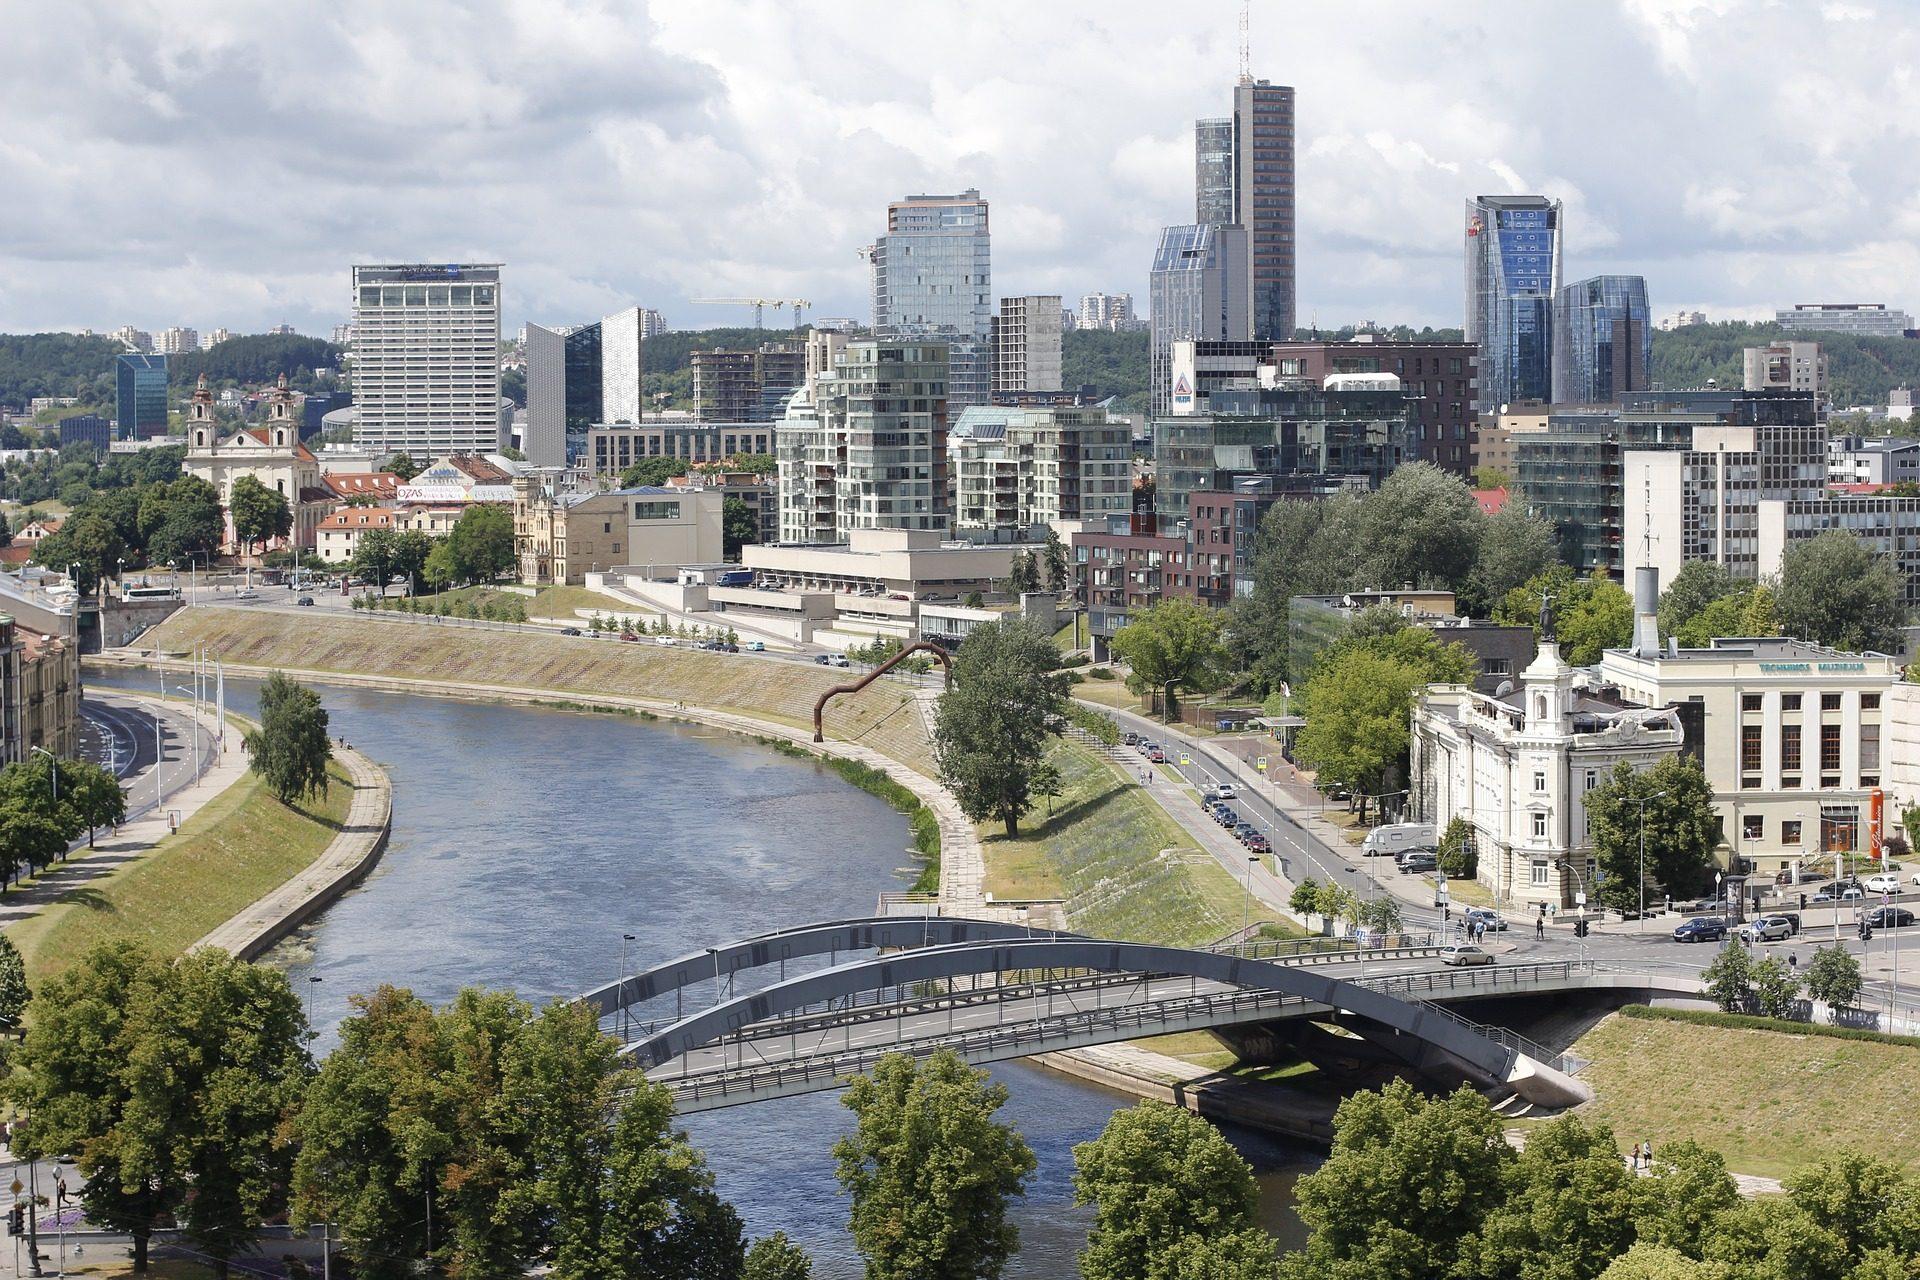 Städtereise nach Vilnius , Litauen 2 Nächte ab 48,48€ - Flug & Hotel Titel